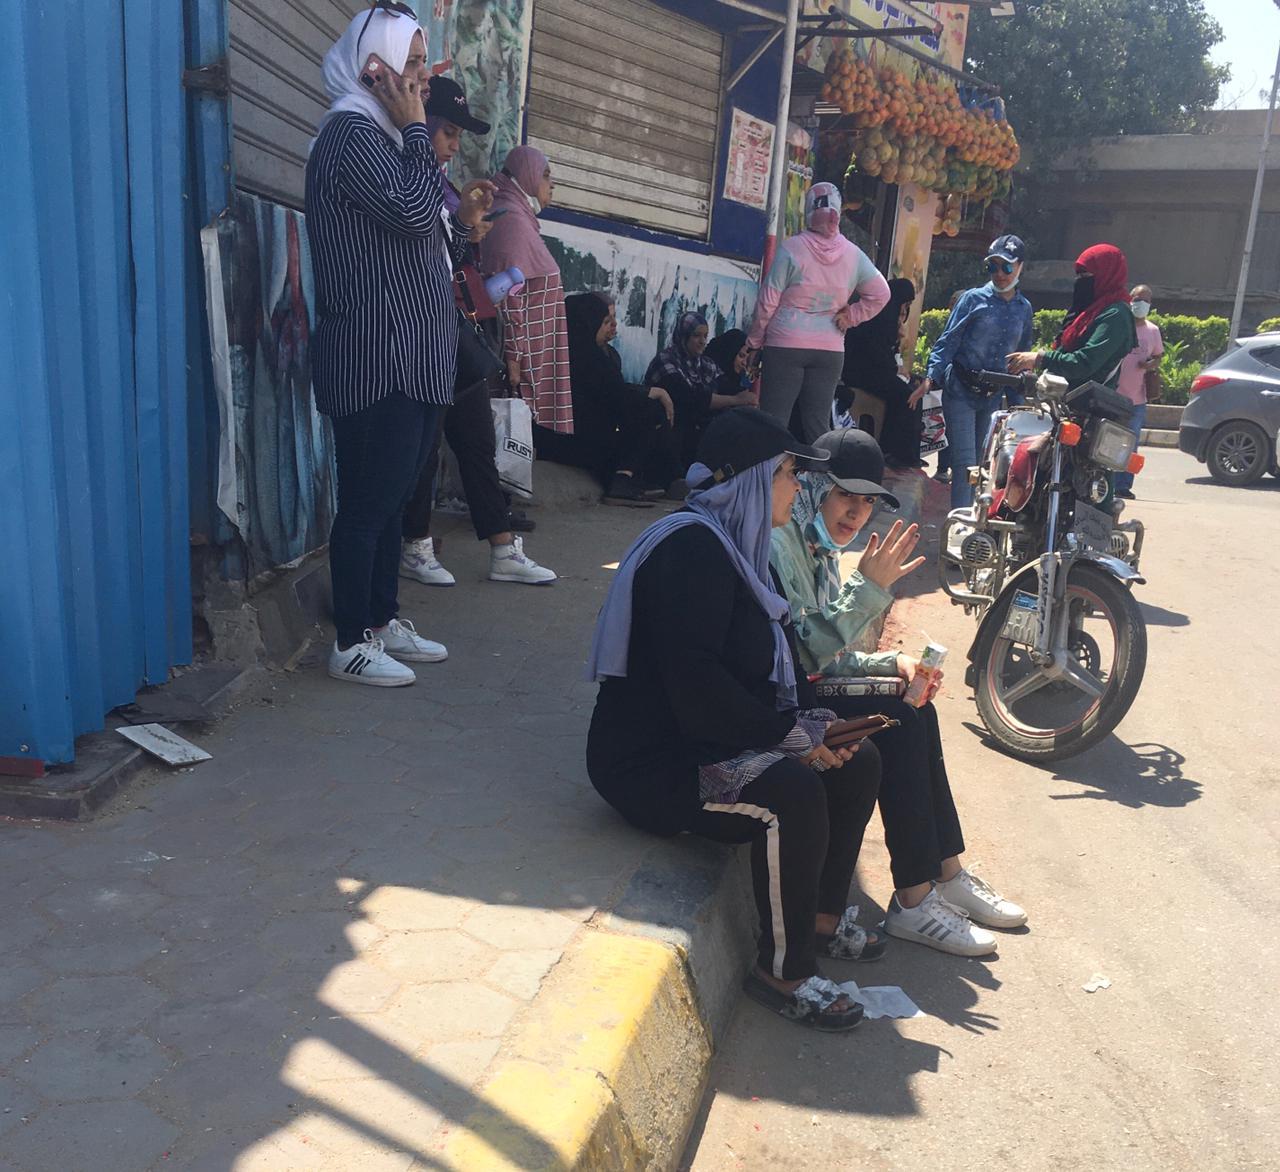 طلاب يخرجون قبل انتهاء مدة الامتحان.. وشكاوى من صعوبة الفرنساوي